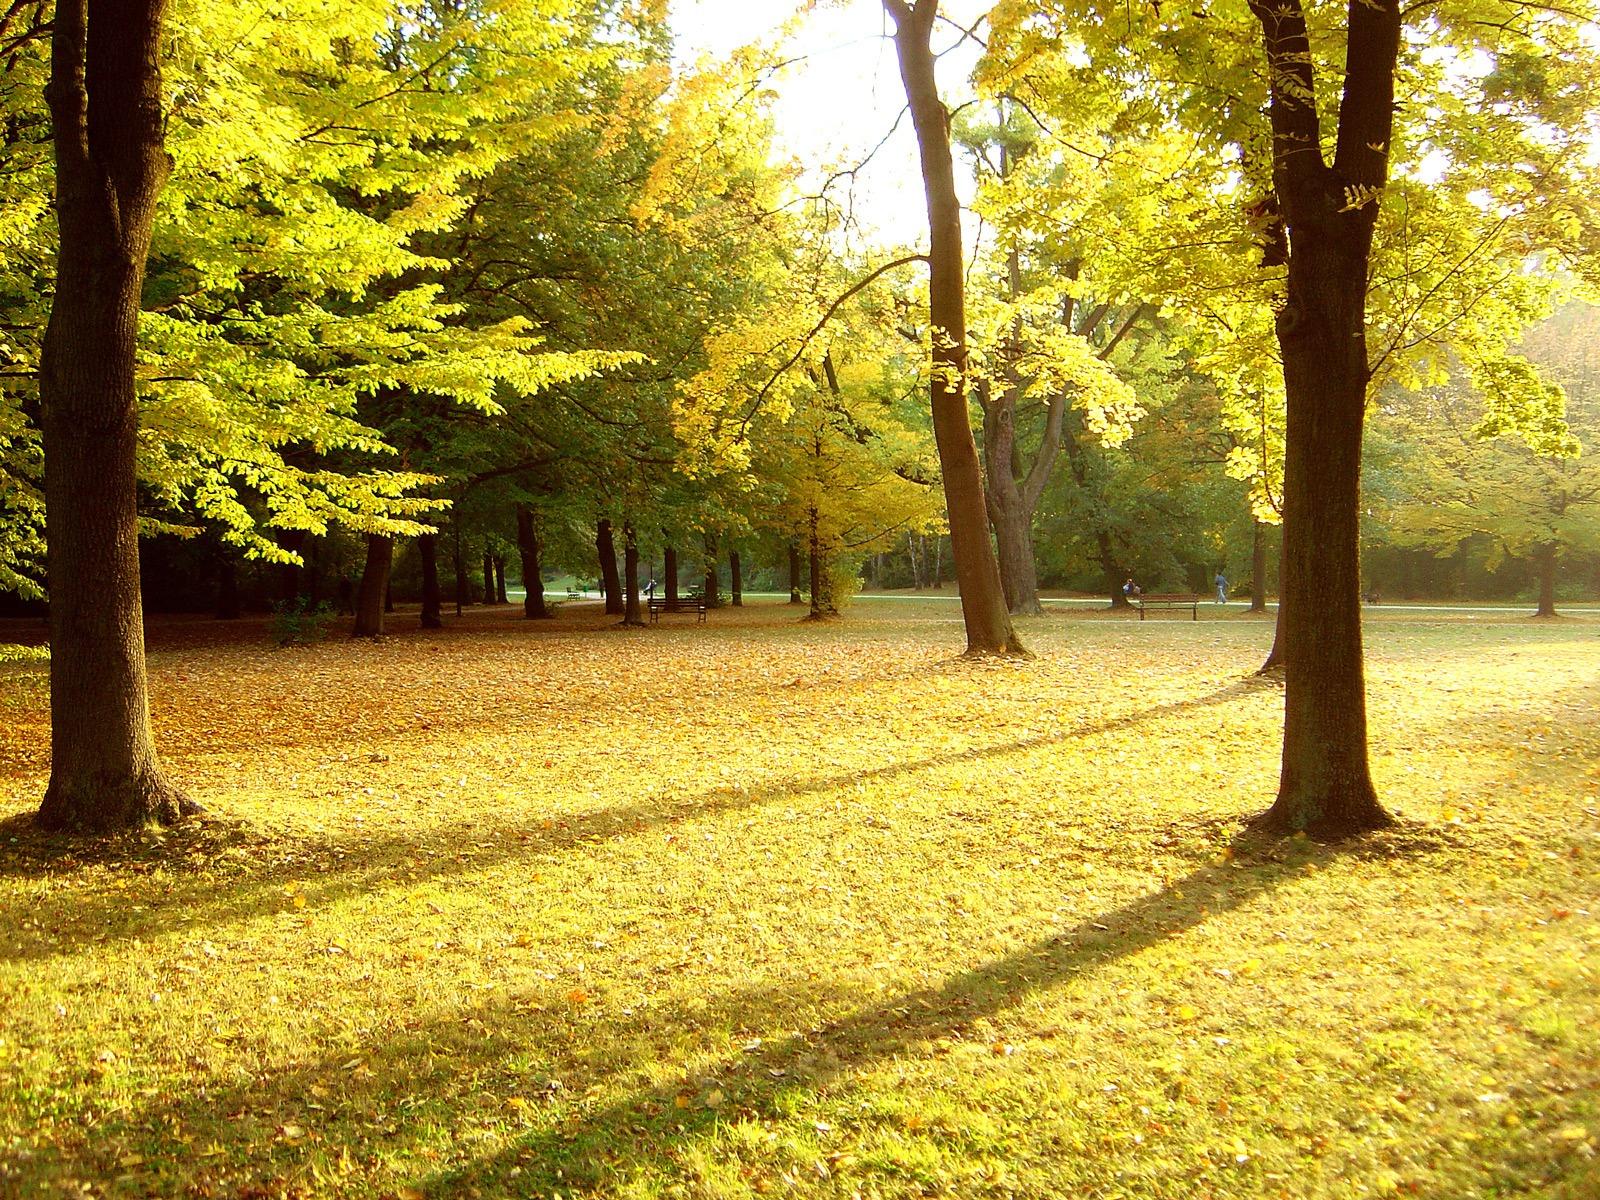 autumn_park.jpg